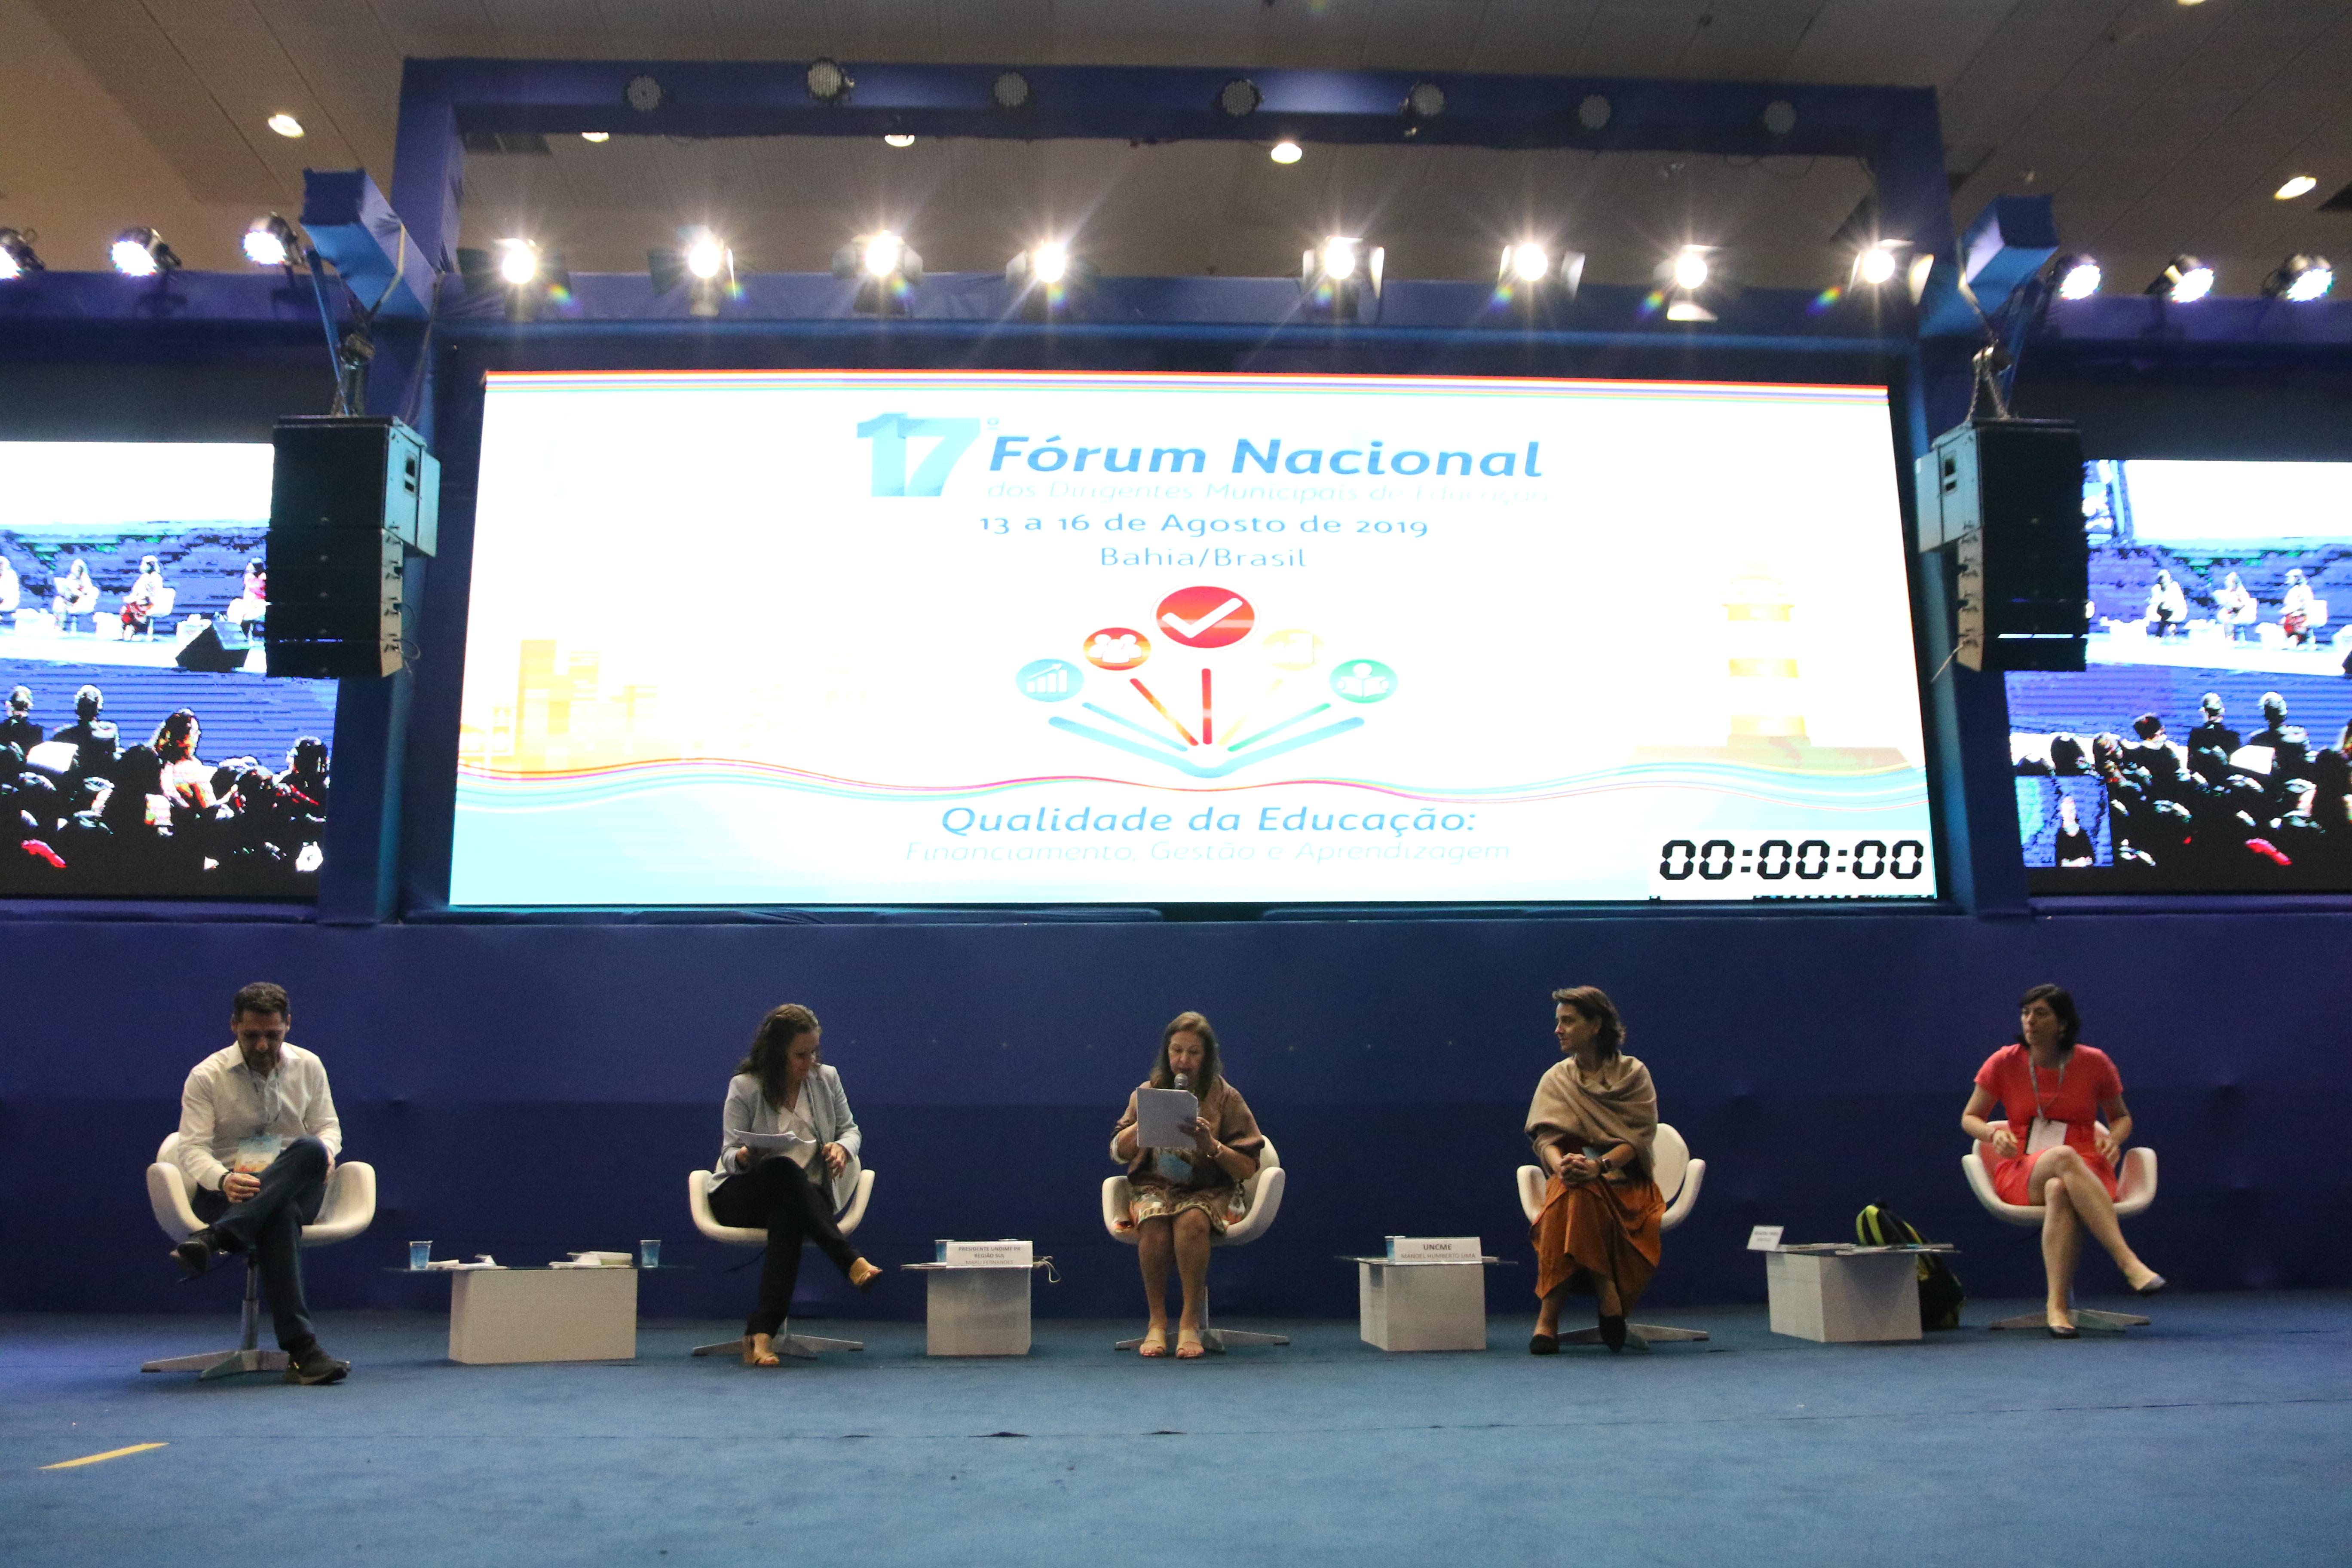 Acesse as apresentações utilizadas pelos palestrantes no 17º Fórum Nacional